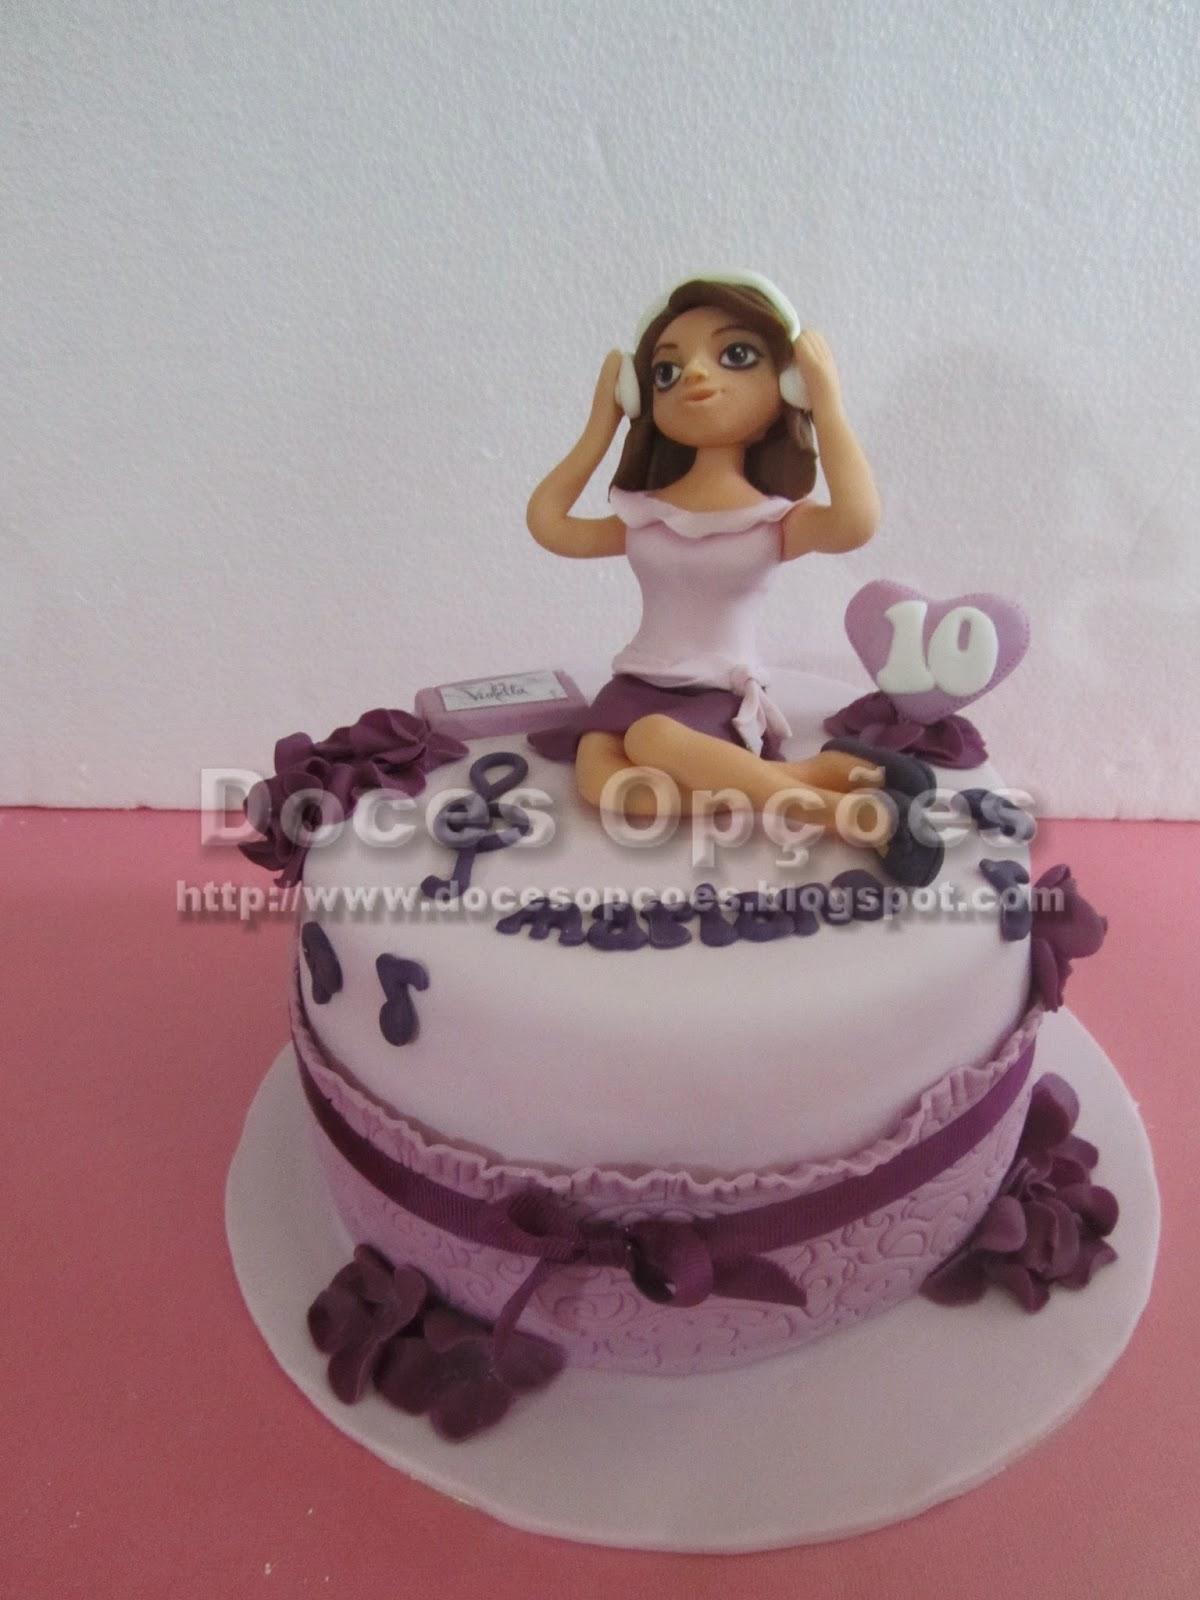 Bolo com a Violetta para o aniversário da Mariana